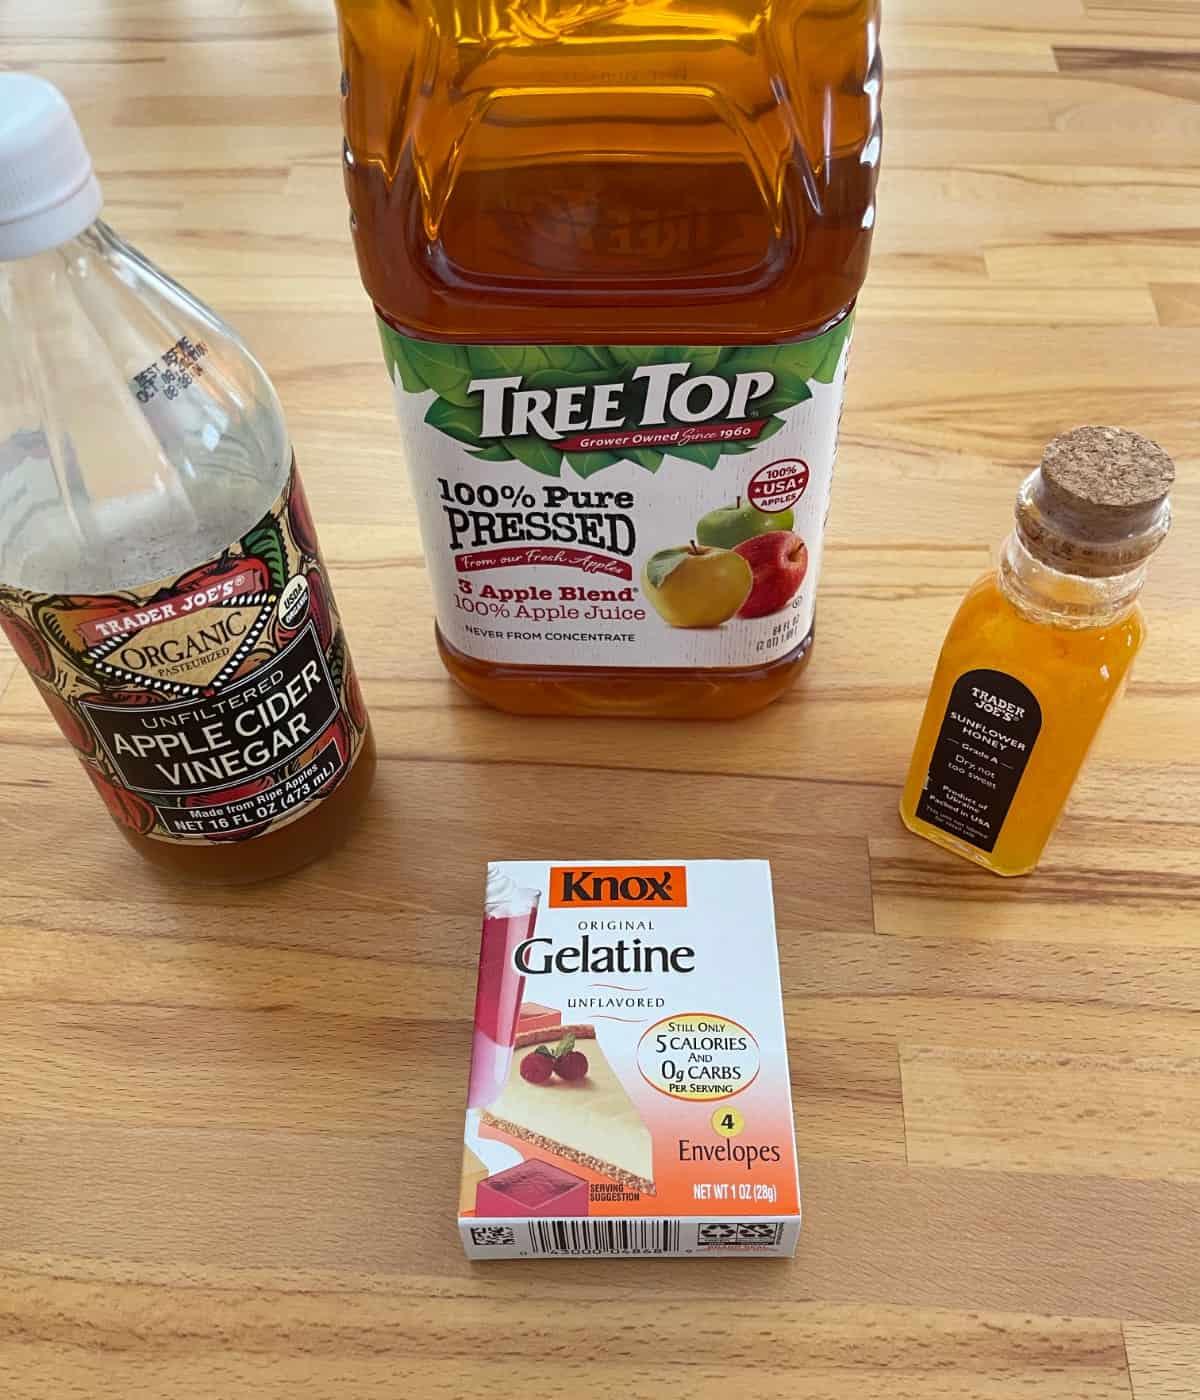 Apple cider vinegar, apple juice, honey and package of Knox gelatin.